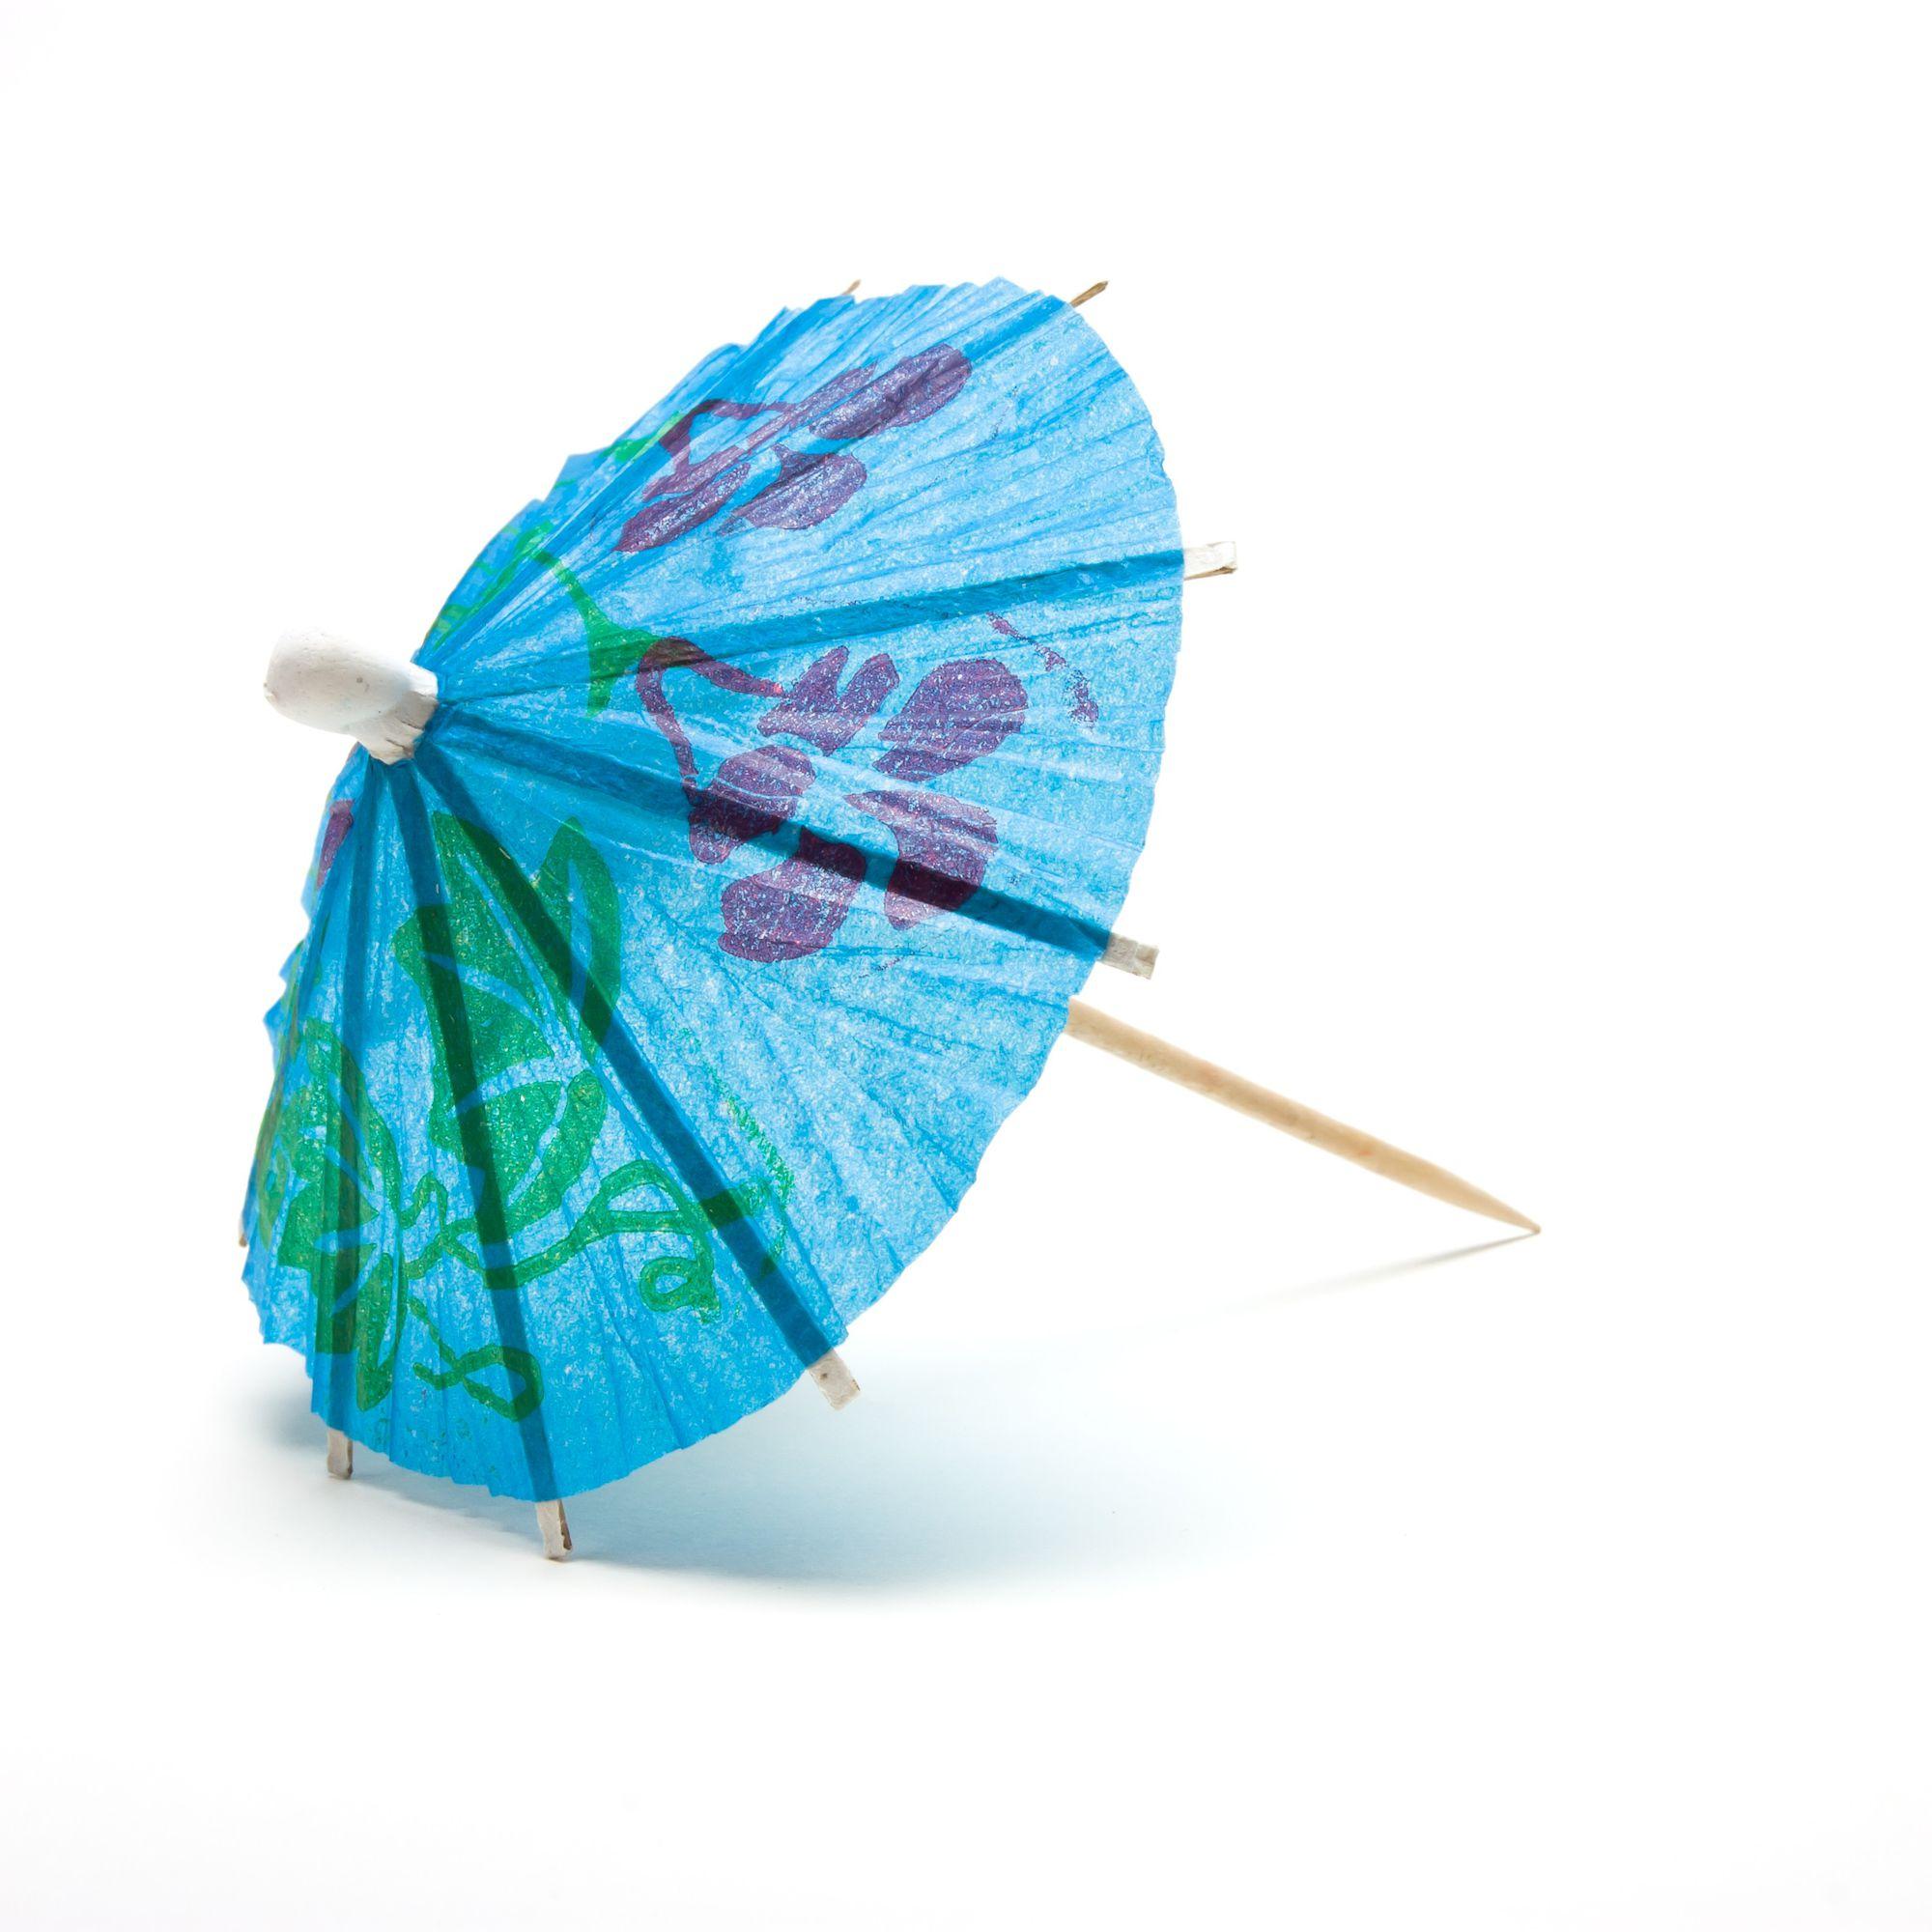 Blauwe paraplu